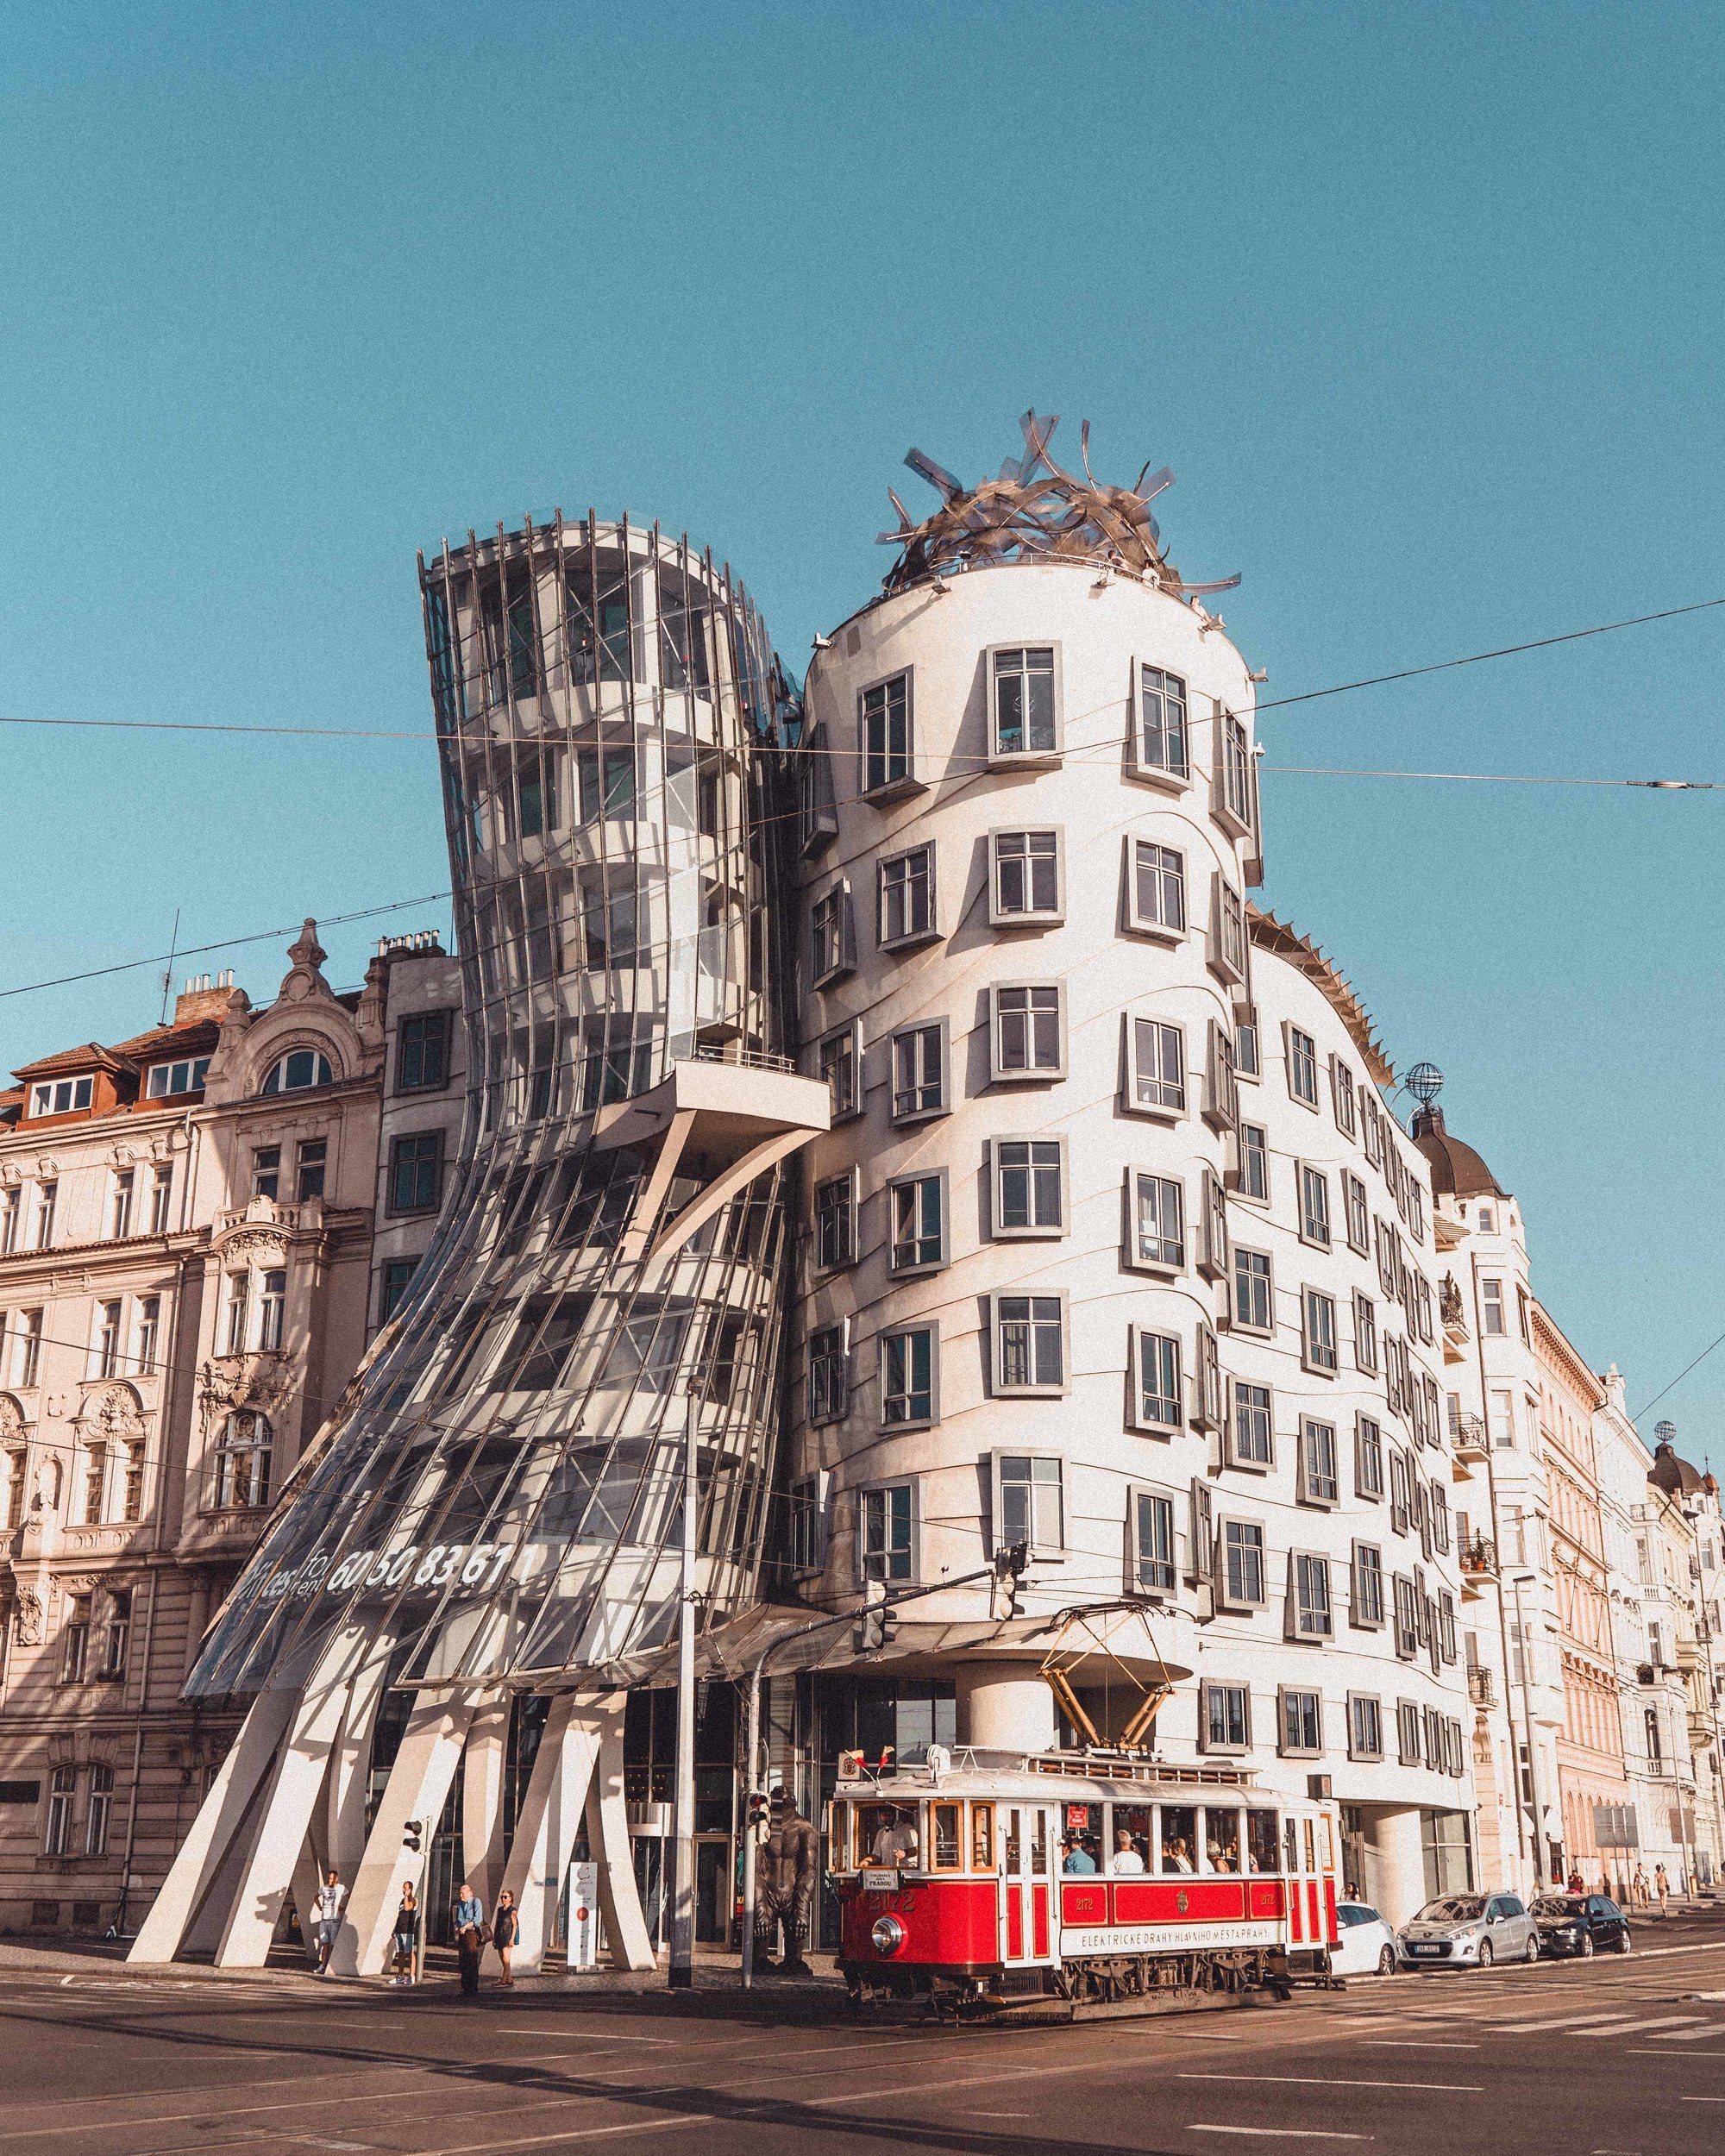 How to Visit the Prague Dancing House, Czechia (Czech Republic)